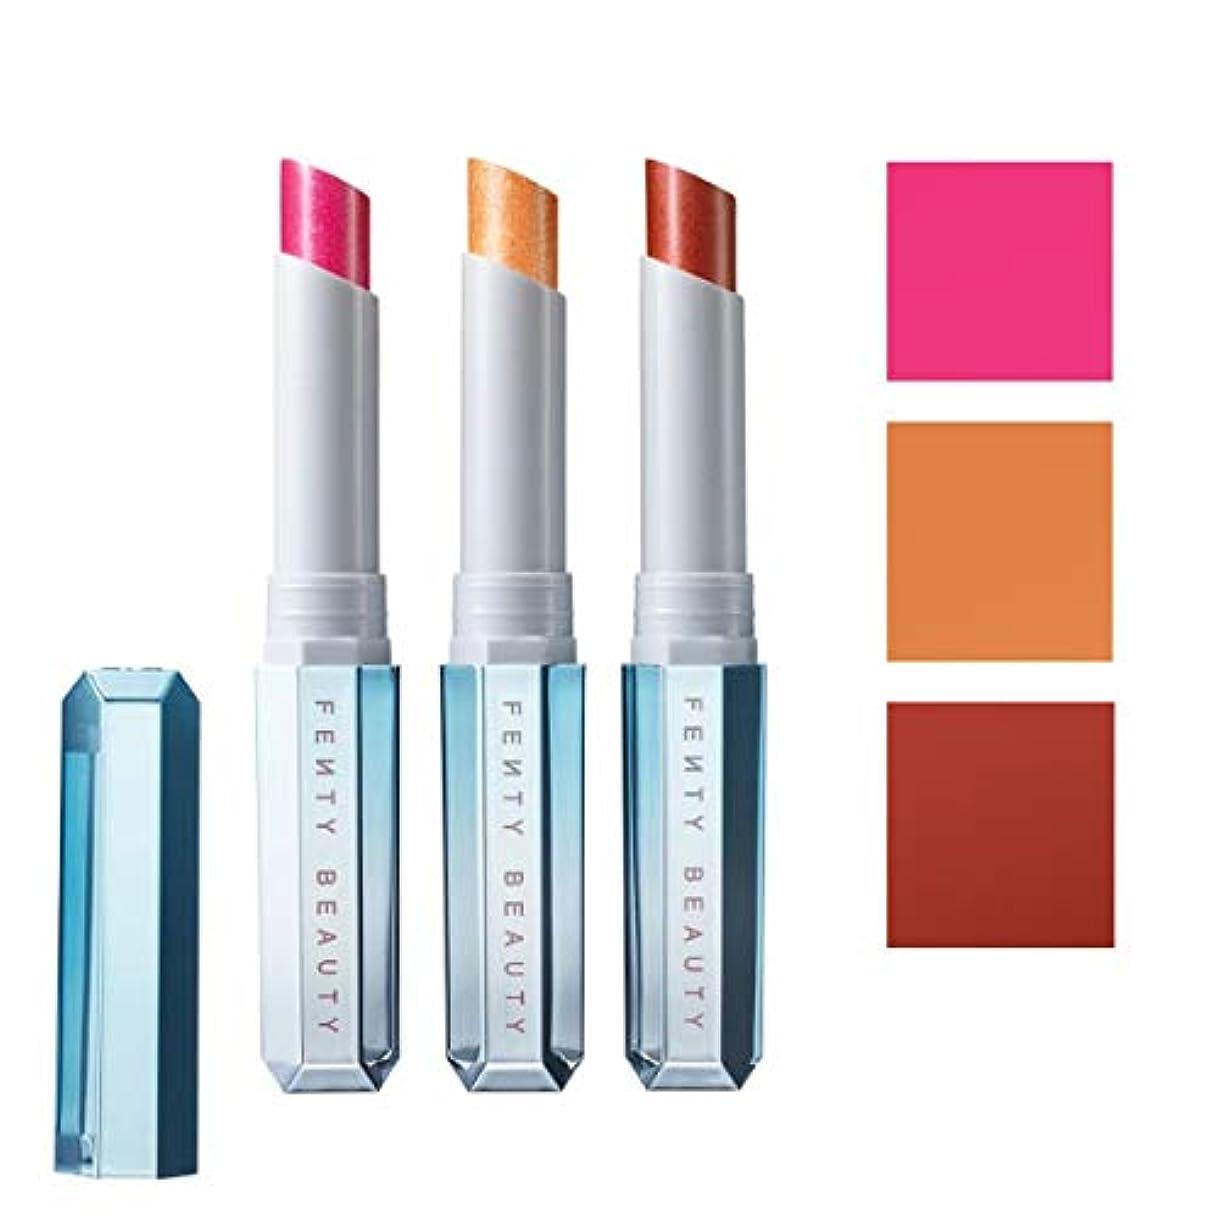 相対性理論盆地チャレンジFENTY BEAUTY BY RIHANNA 限定版 limited-edition, Frosted Metal Lipstick 3pc Set - Snow Daze [海外直送品] [並行輸入品]